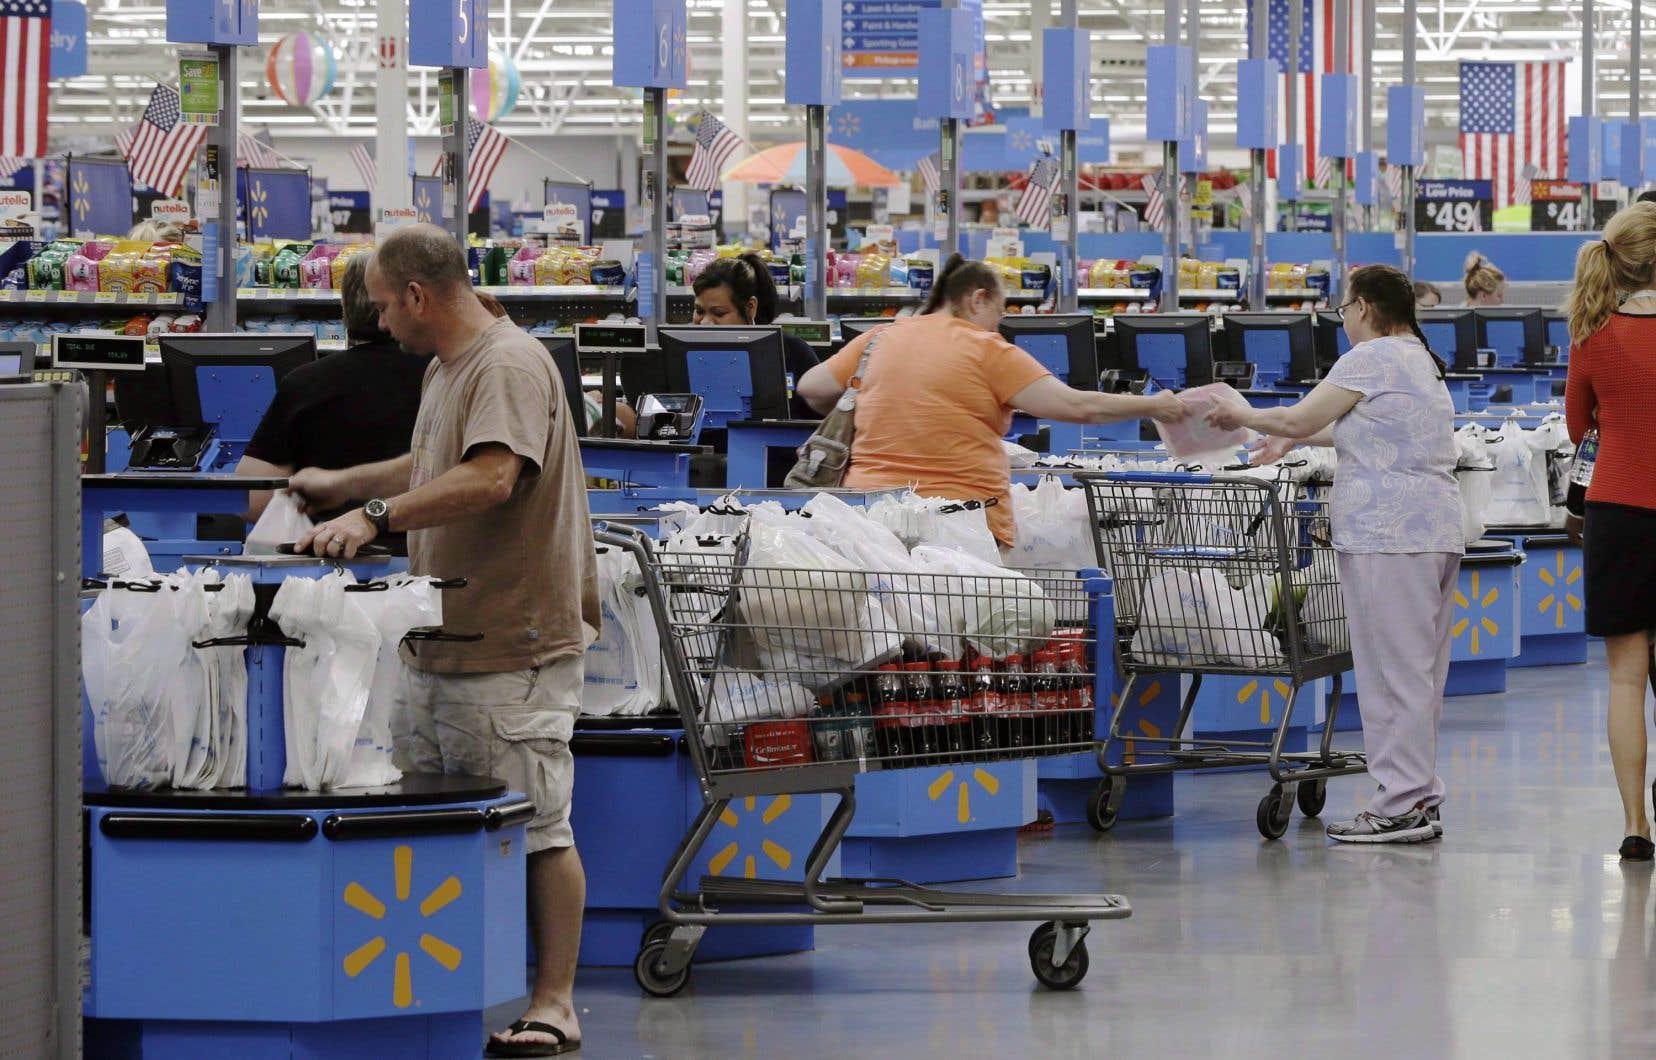 Le géant du commerce au détail souhaite réduire les sacs de plastique aux caisses de 50% supplémentaire d'ici 2025.